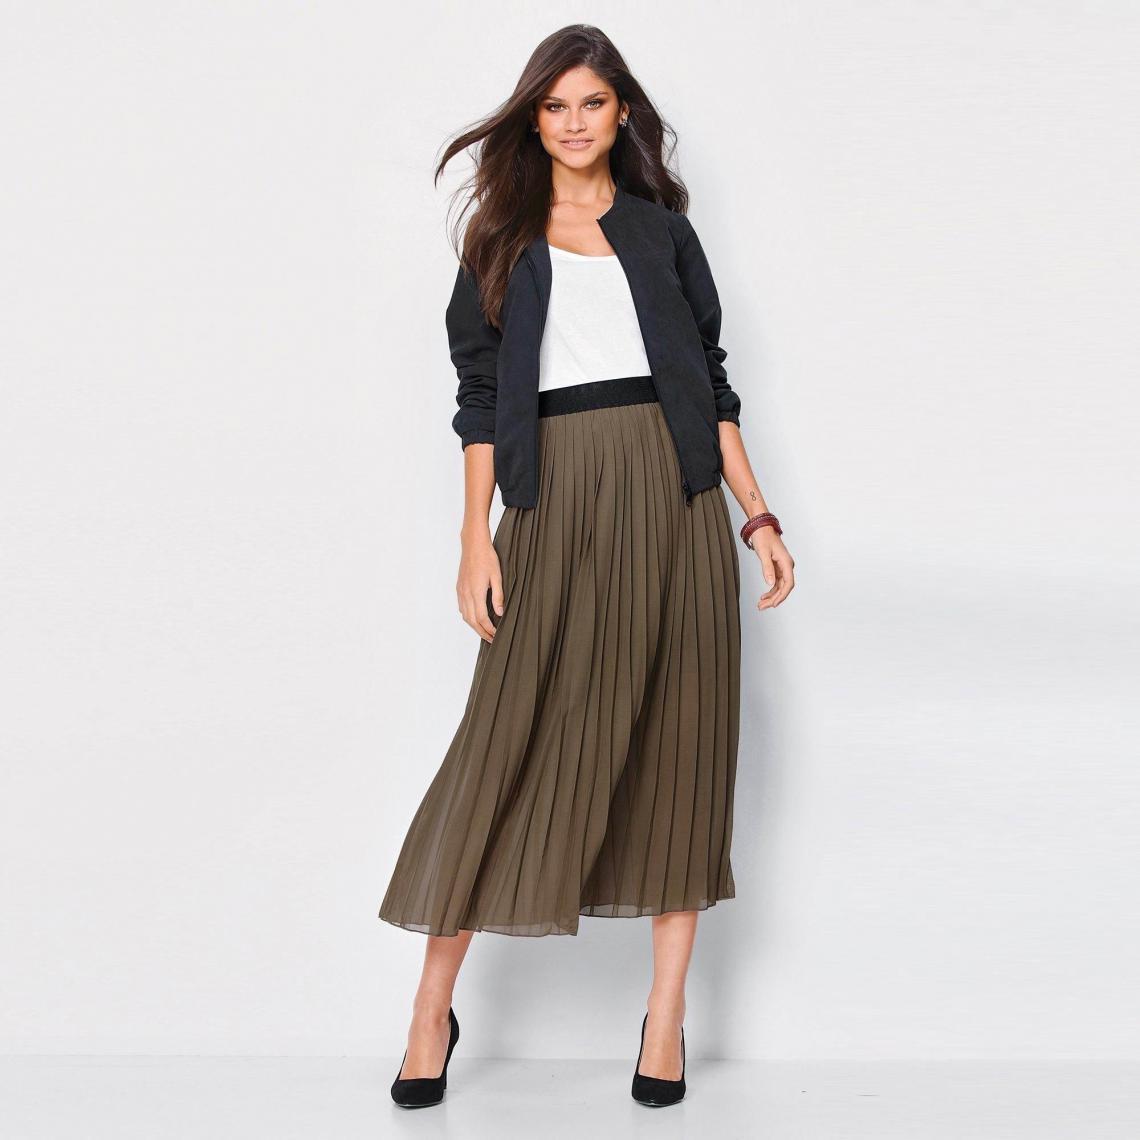 62d5607b705c02 Jupe longue plissée taille élastique femme - Kaki | 3 SUISSES